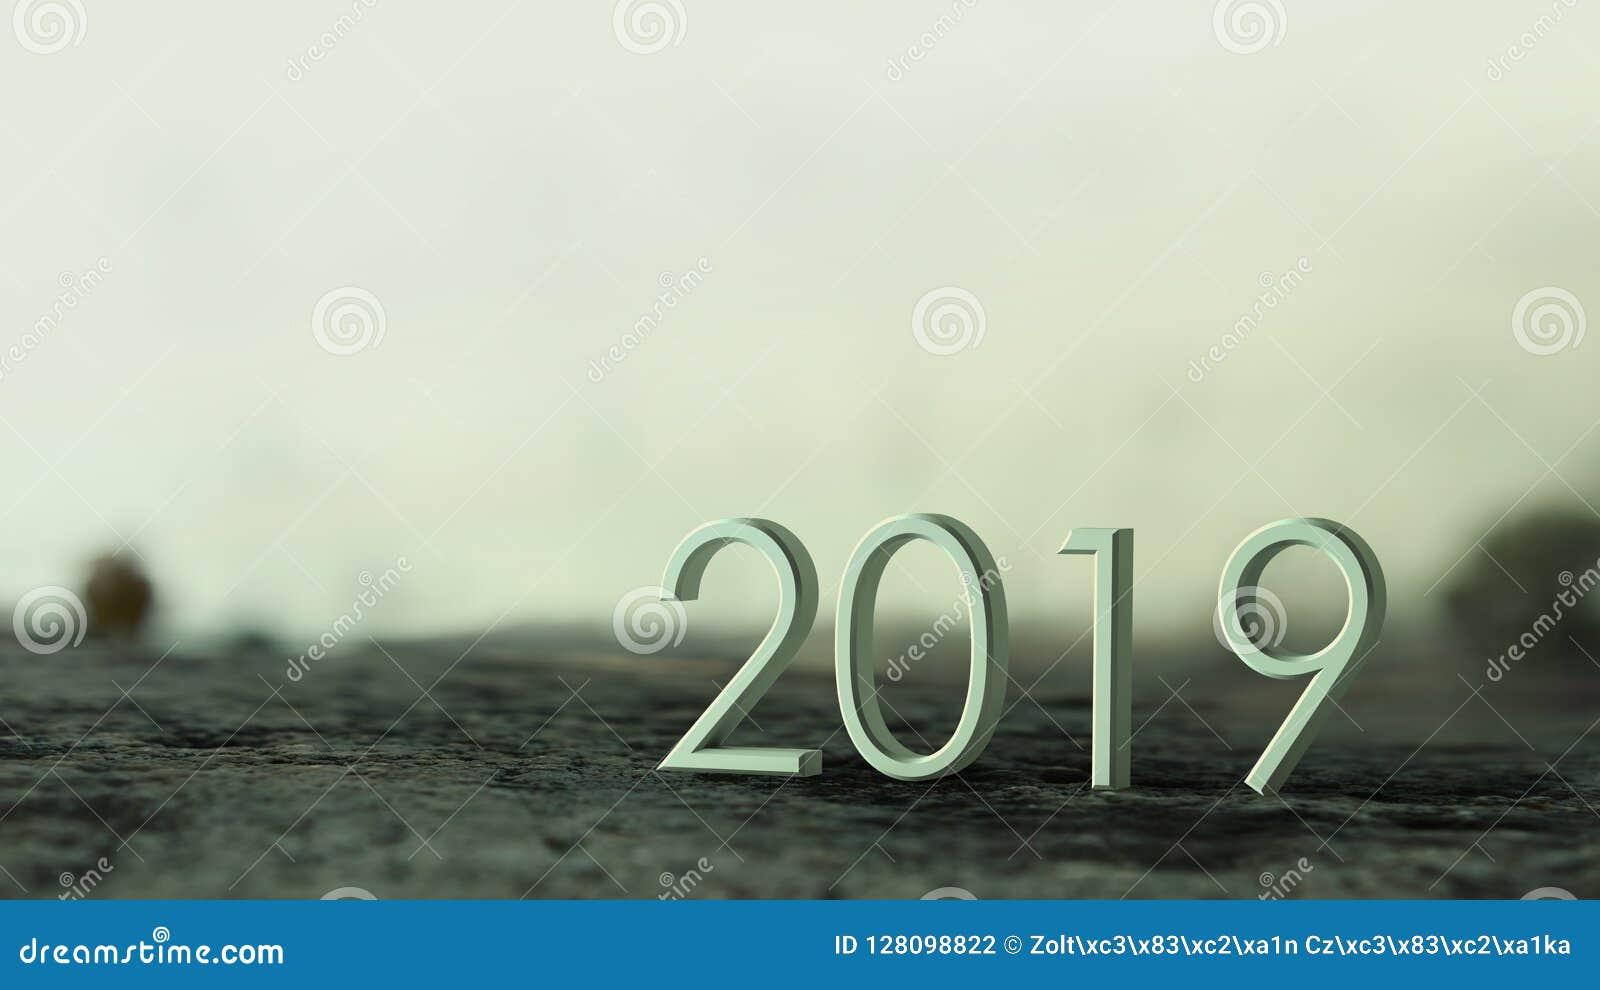 2019 3d rendering